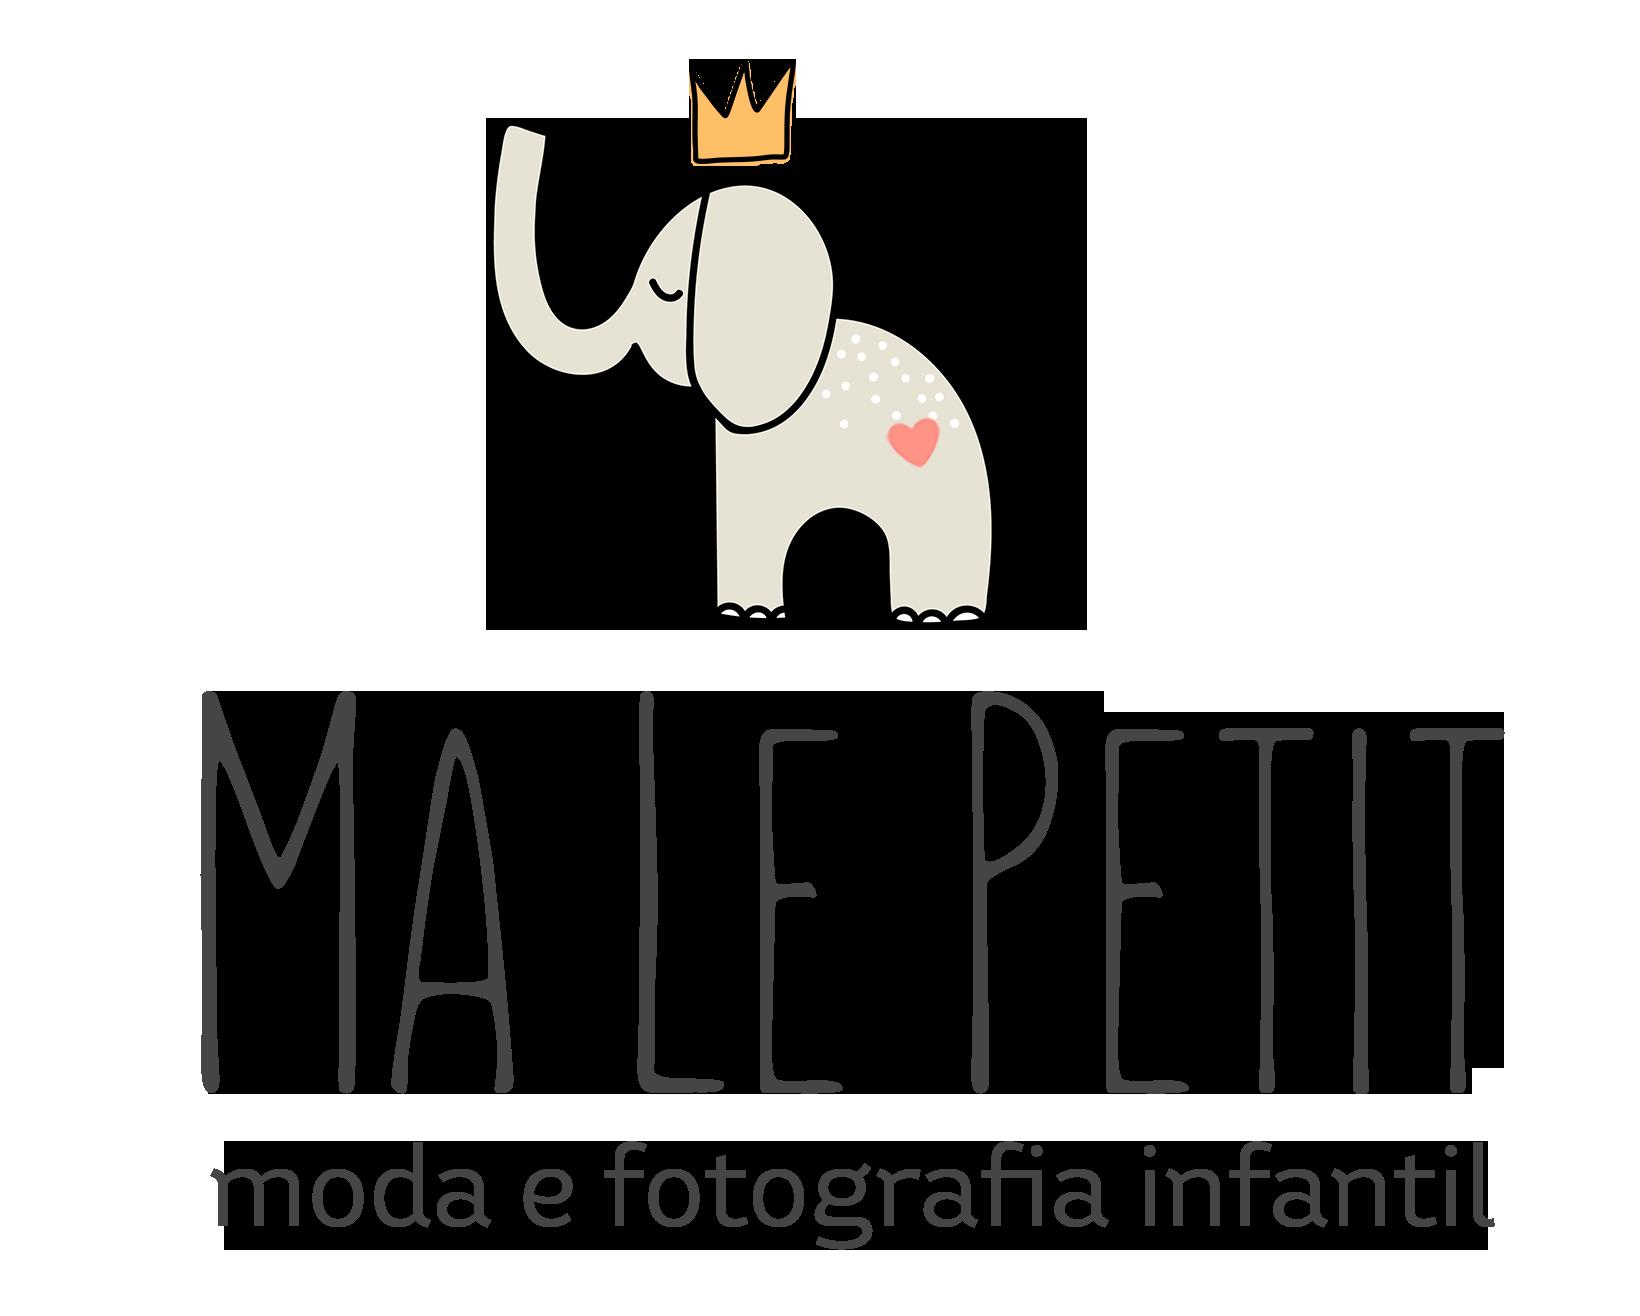 Contate Ma Le Petit - Moda e Fotografia Infantil